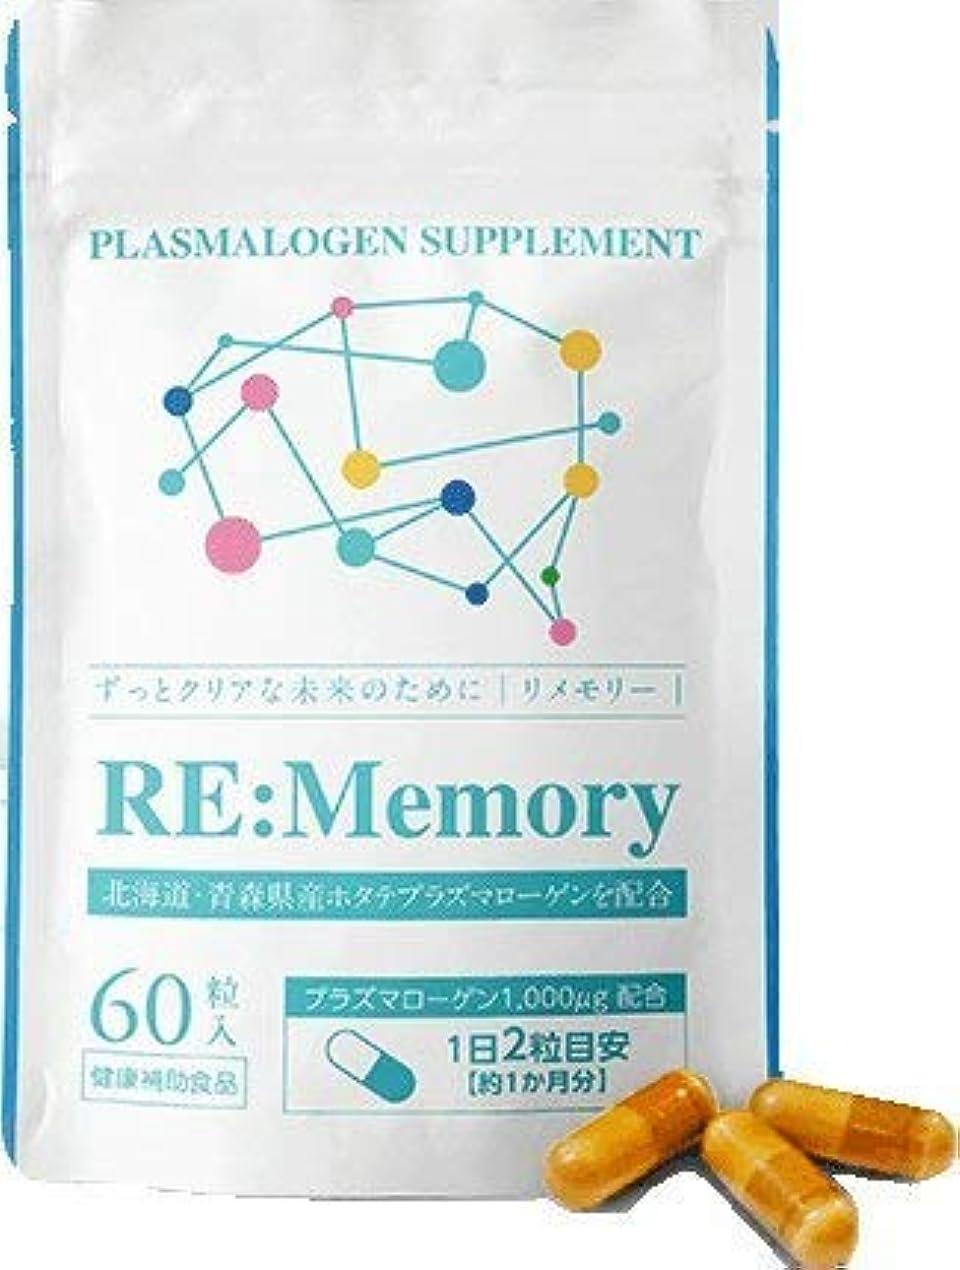 ロースト硬化するはぁリメモリー プラズマローゲン 自然良品 サプリ 国産ホタテ由来 DHA EPA フェルラ酸 60粒 30日分